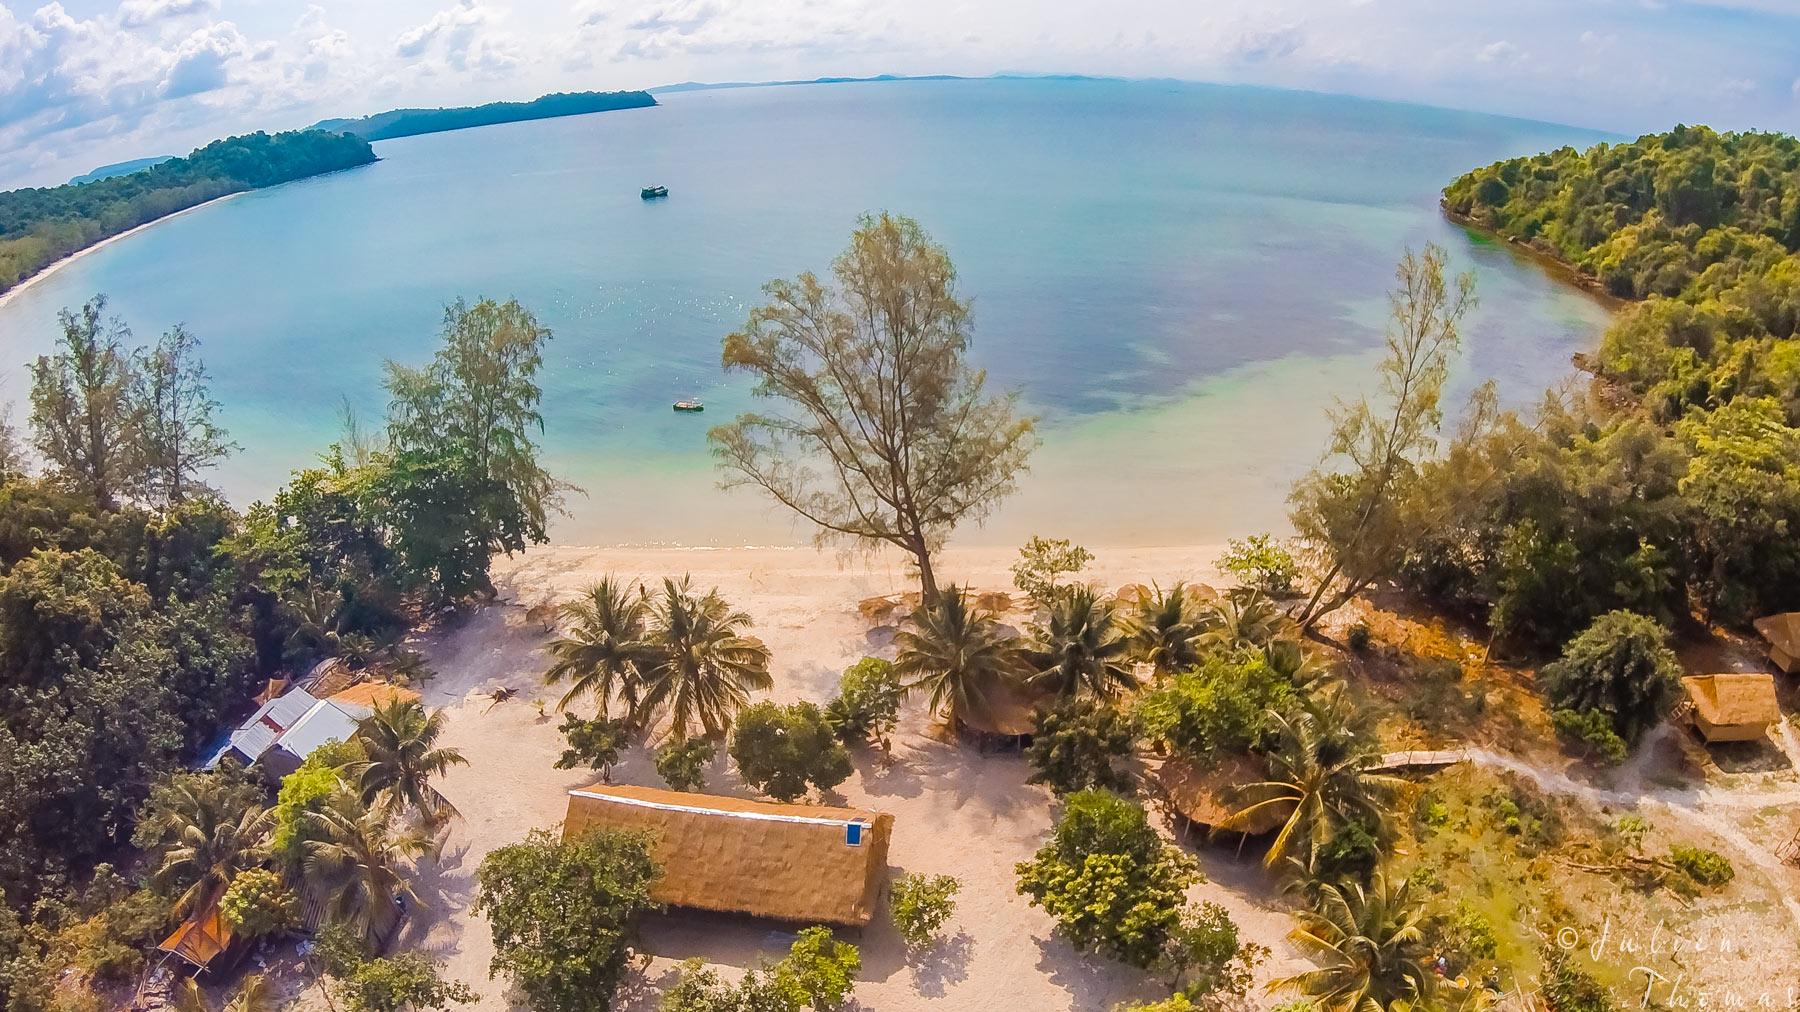 2015 – Cambodia, Koh Ta Kiev Island